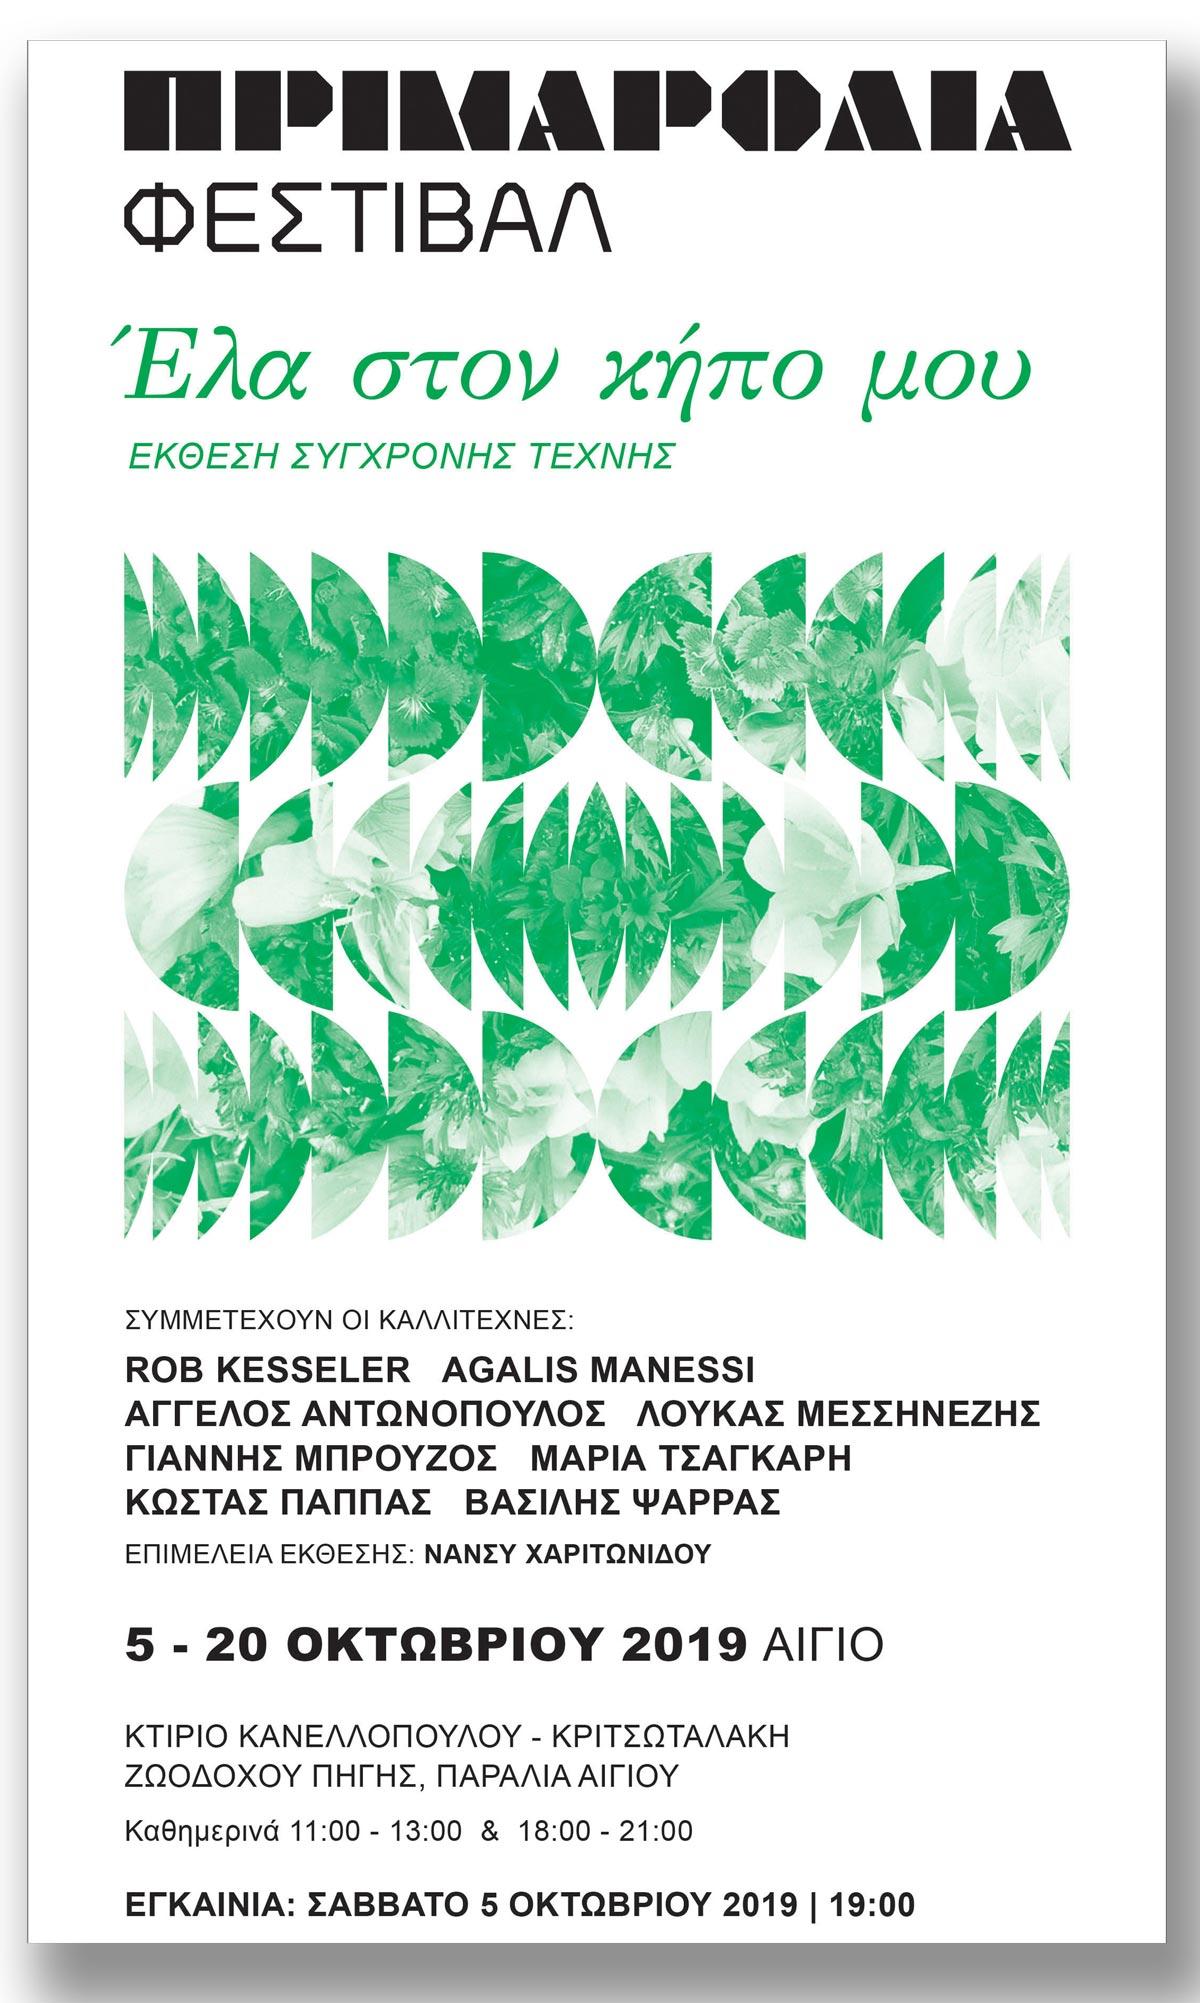 Primarolia.-Exhibition-poster-GR3